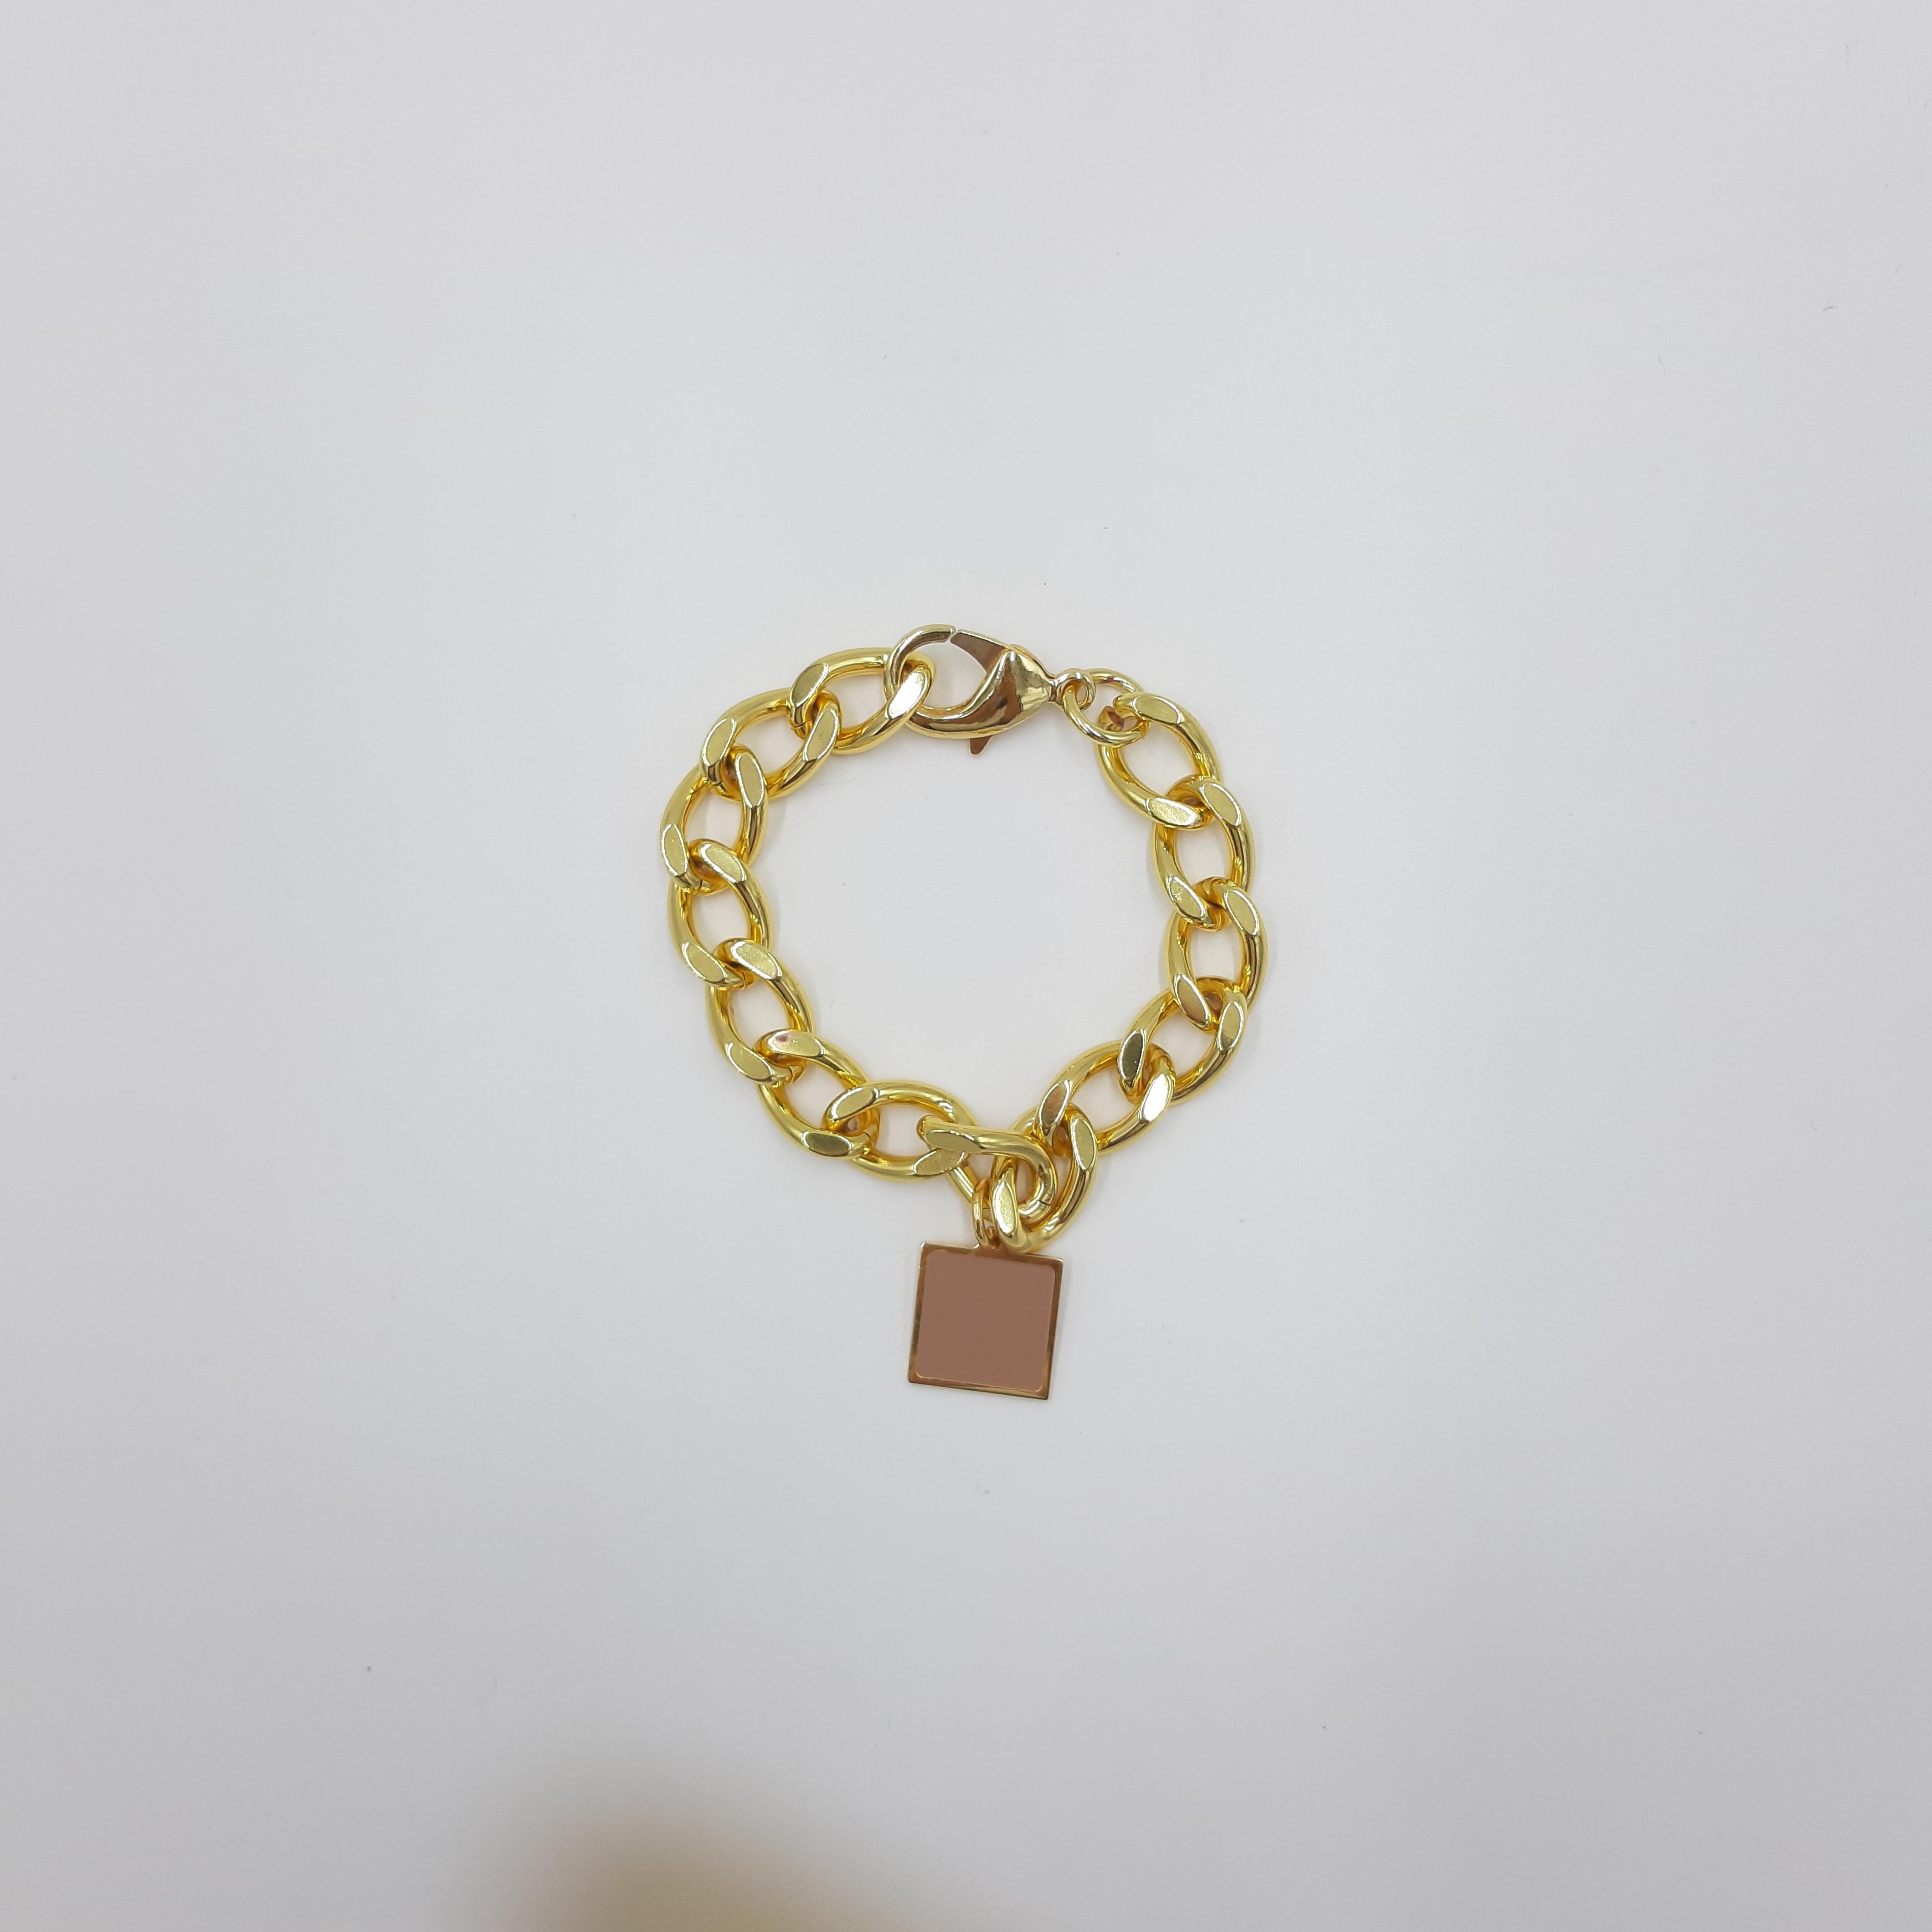 Bracciale oro con pendente nude Francesca Bianchi Design